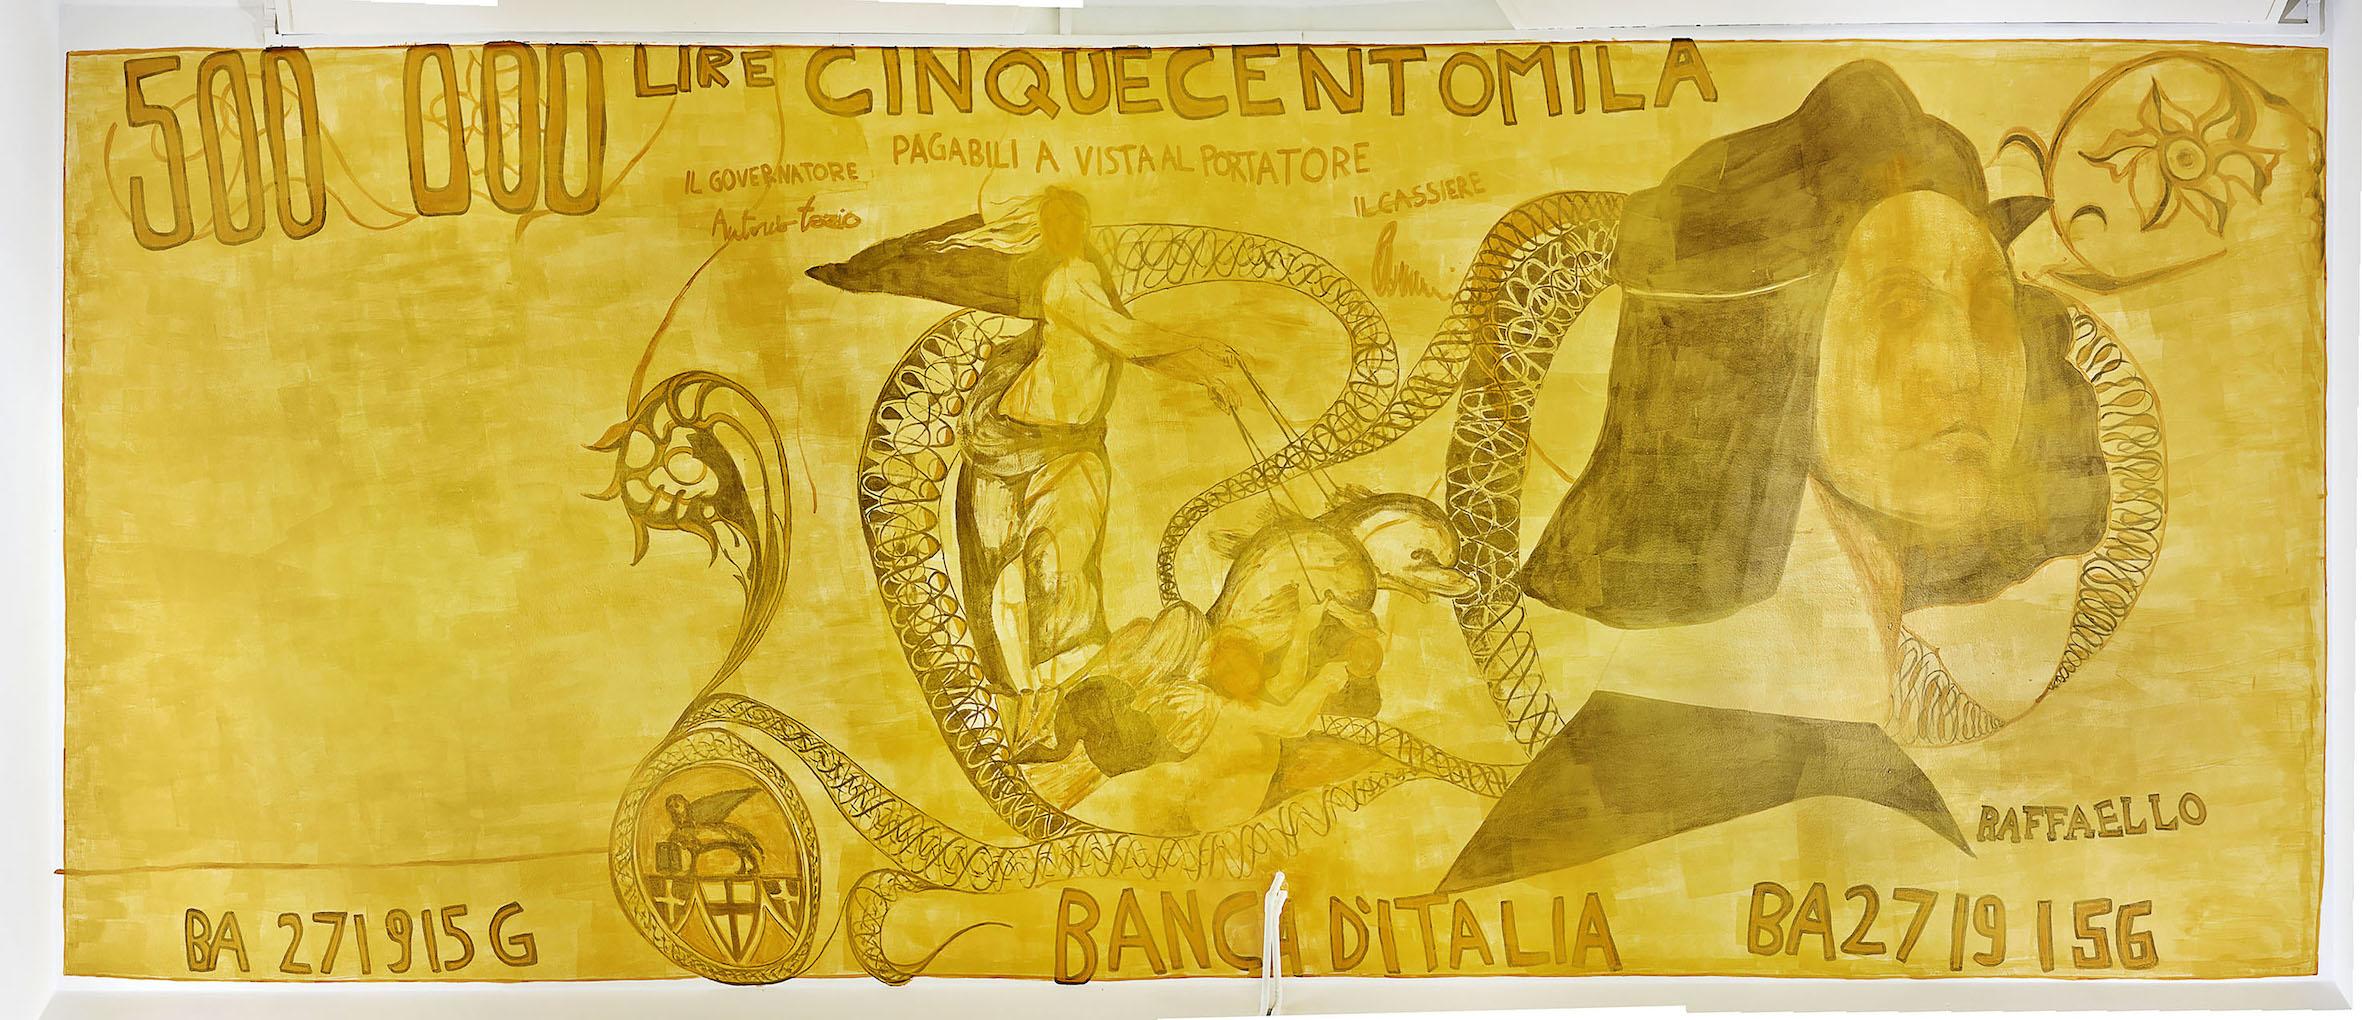 Flavio Favellli, Raffaello 500, 2020, acrilici su muro, cm 362 x 925. Museo Spazio Pubblico, via Curiel 13/d, Bologna. Foto Marco Pintacorona